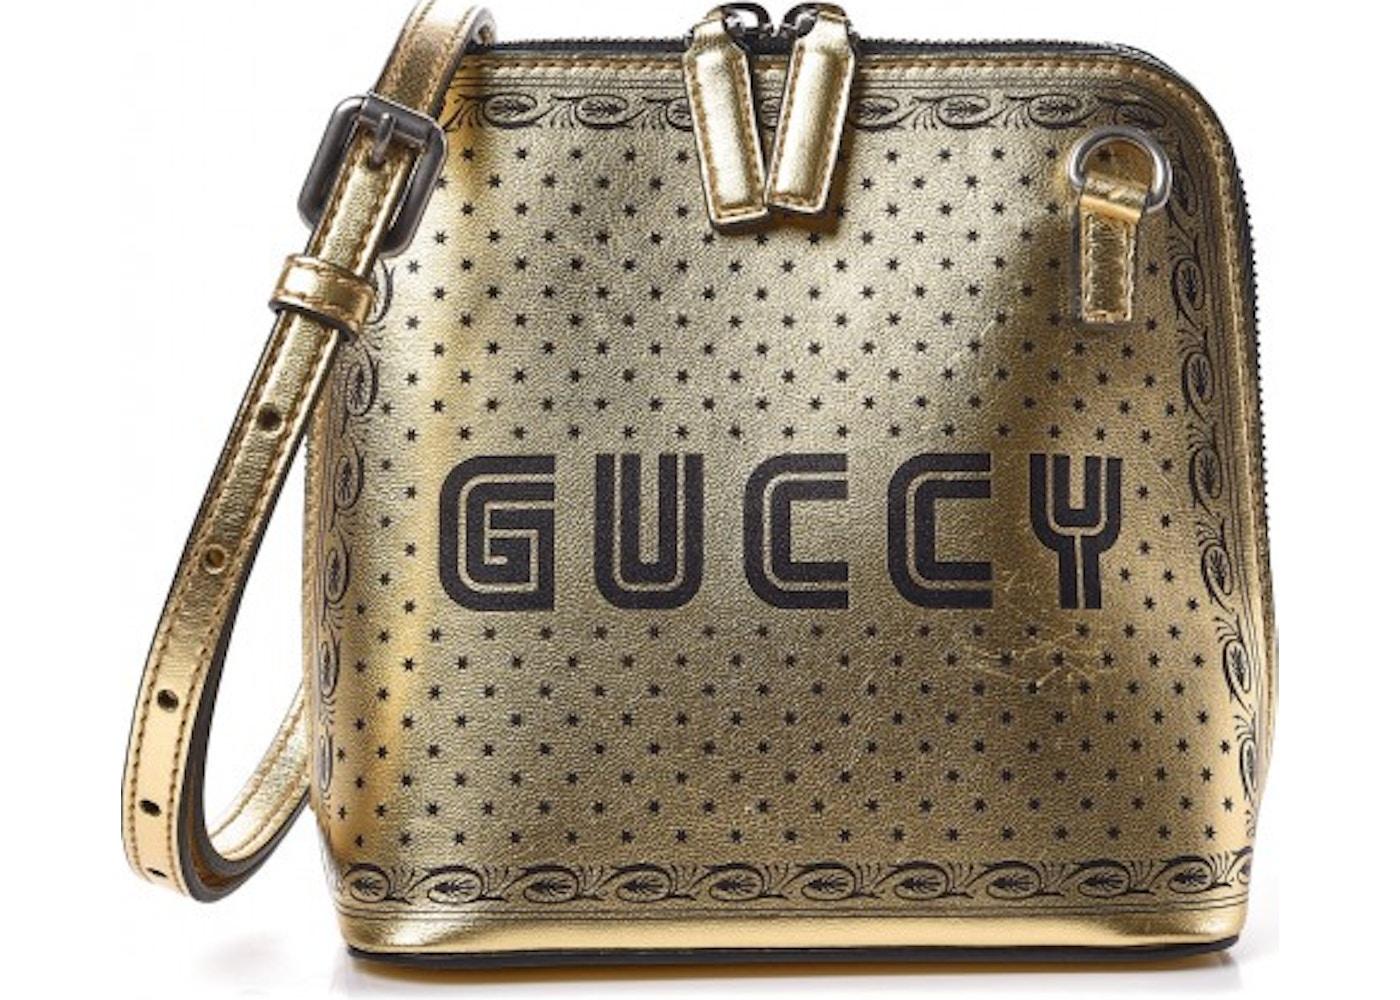 626c0e6c109 Gucci Guccy Top Zip Shoulder Bag Mini Gold. Mini Gold